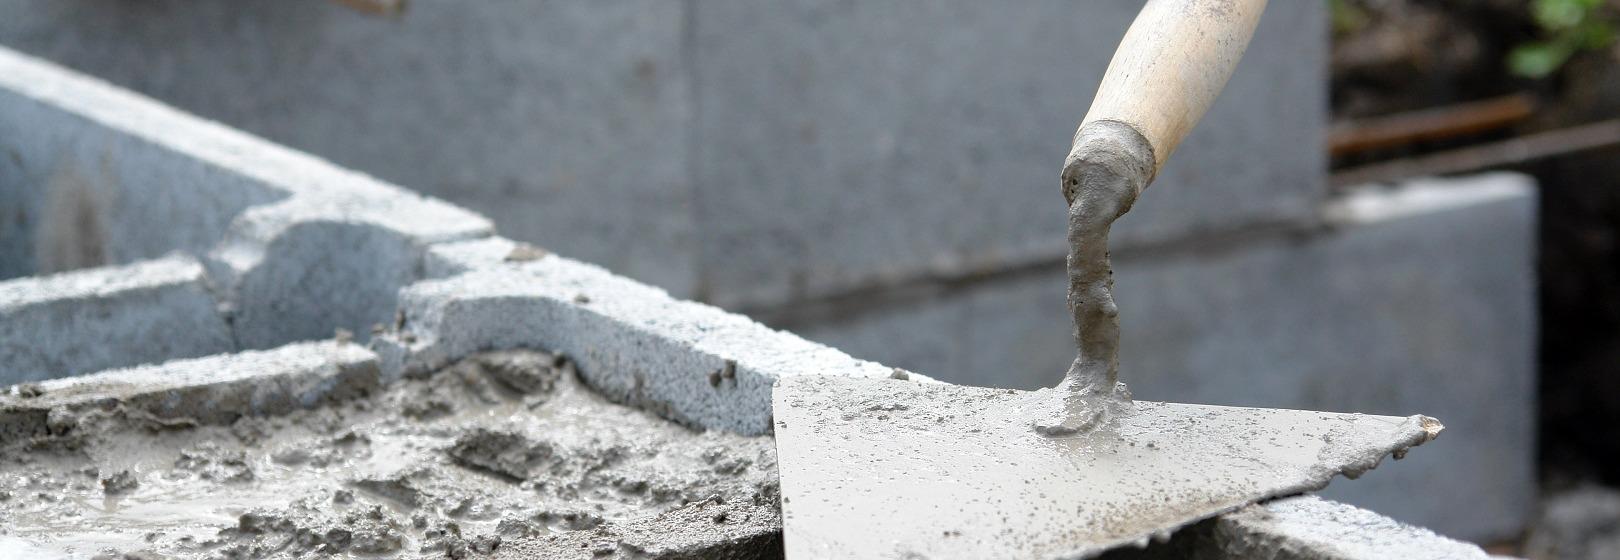 kielnia na ściance fundamentowej